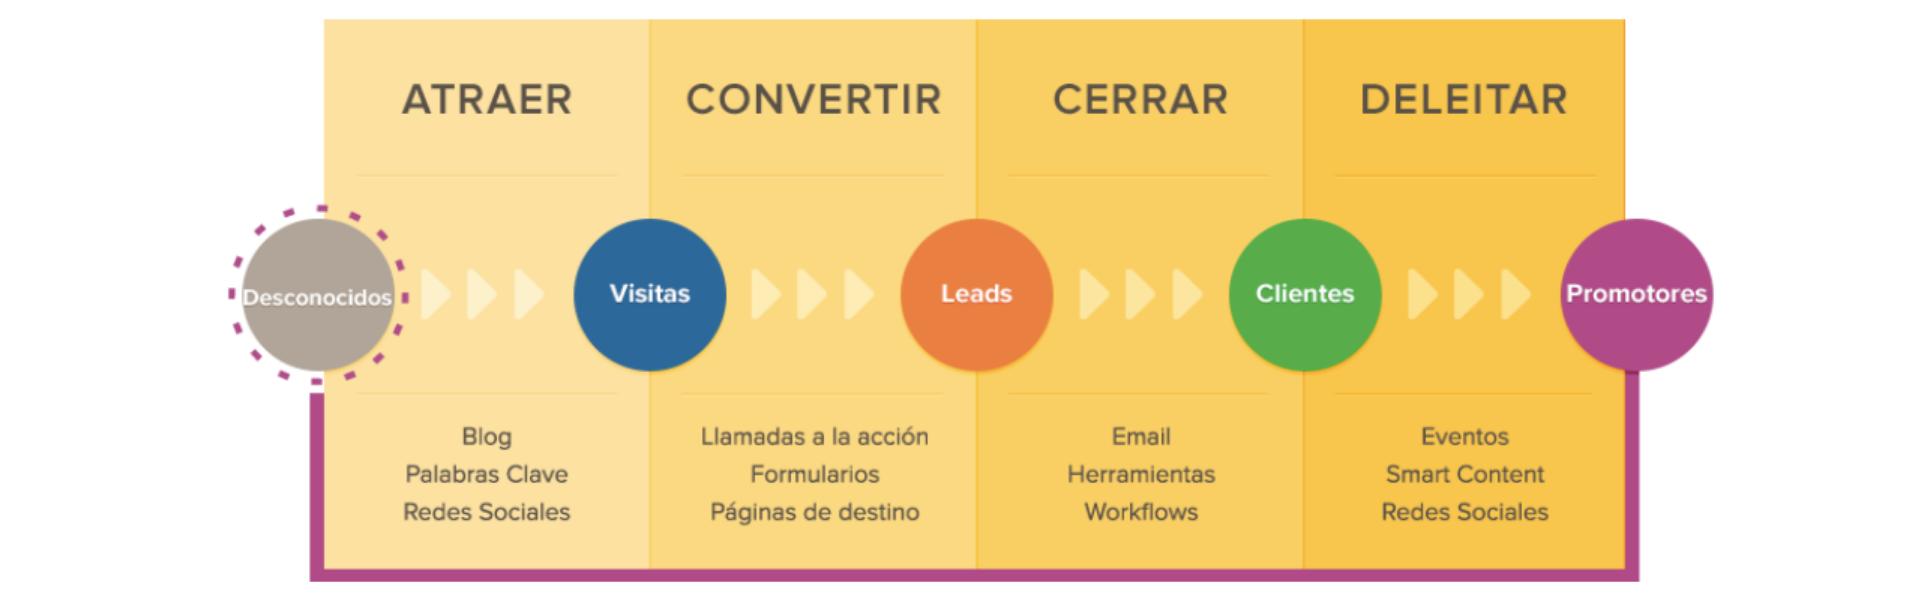 Escoge las mejores plataformas de marketing para tu empresa